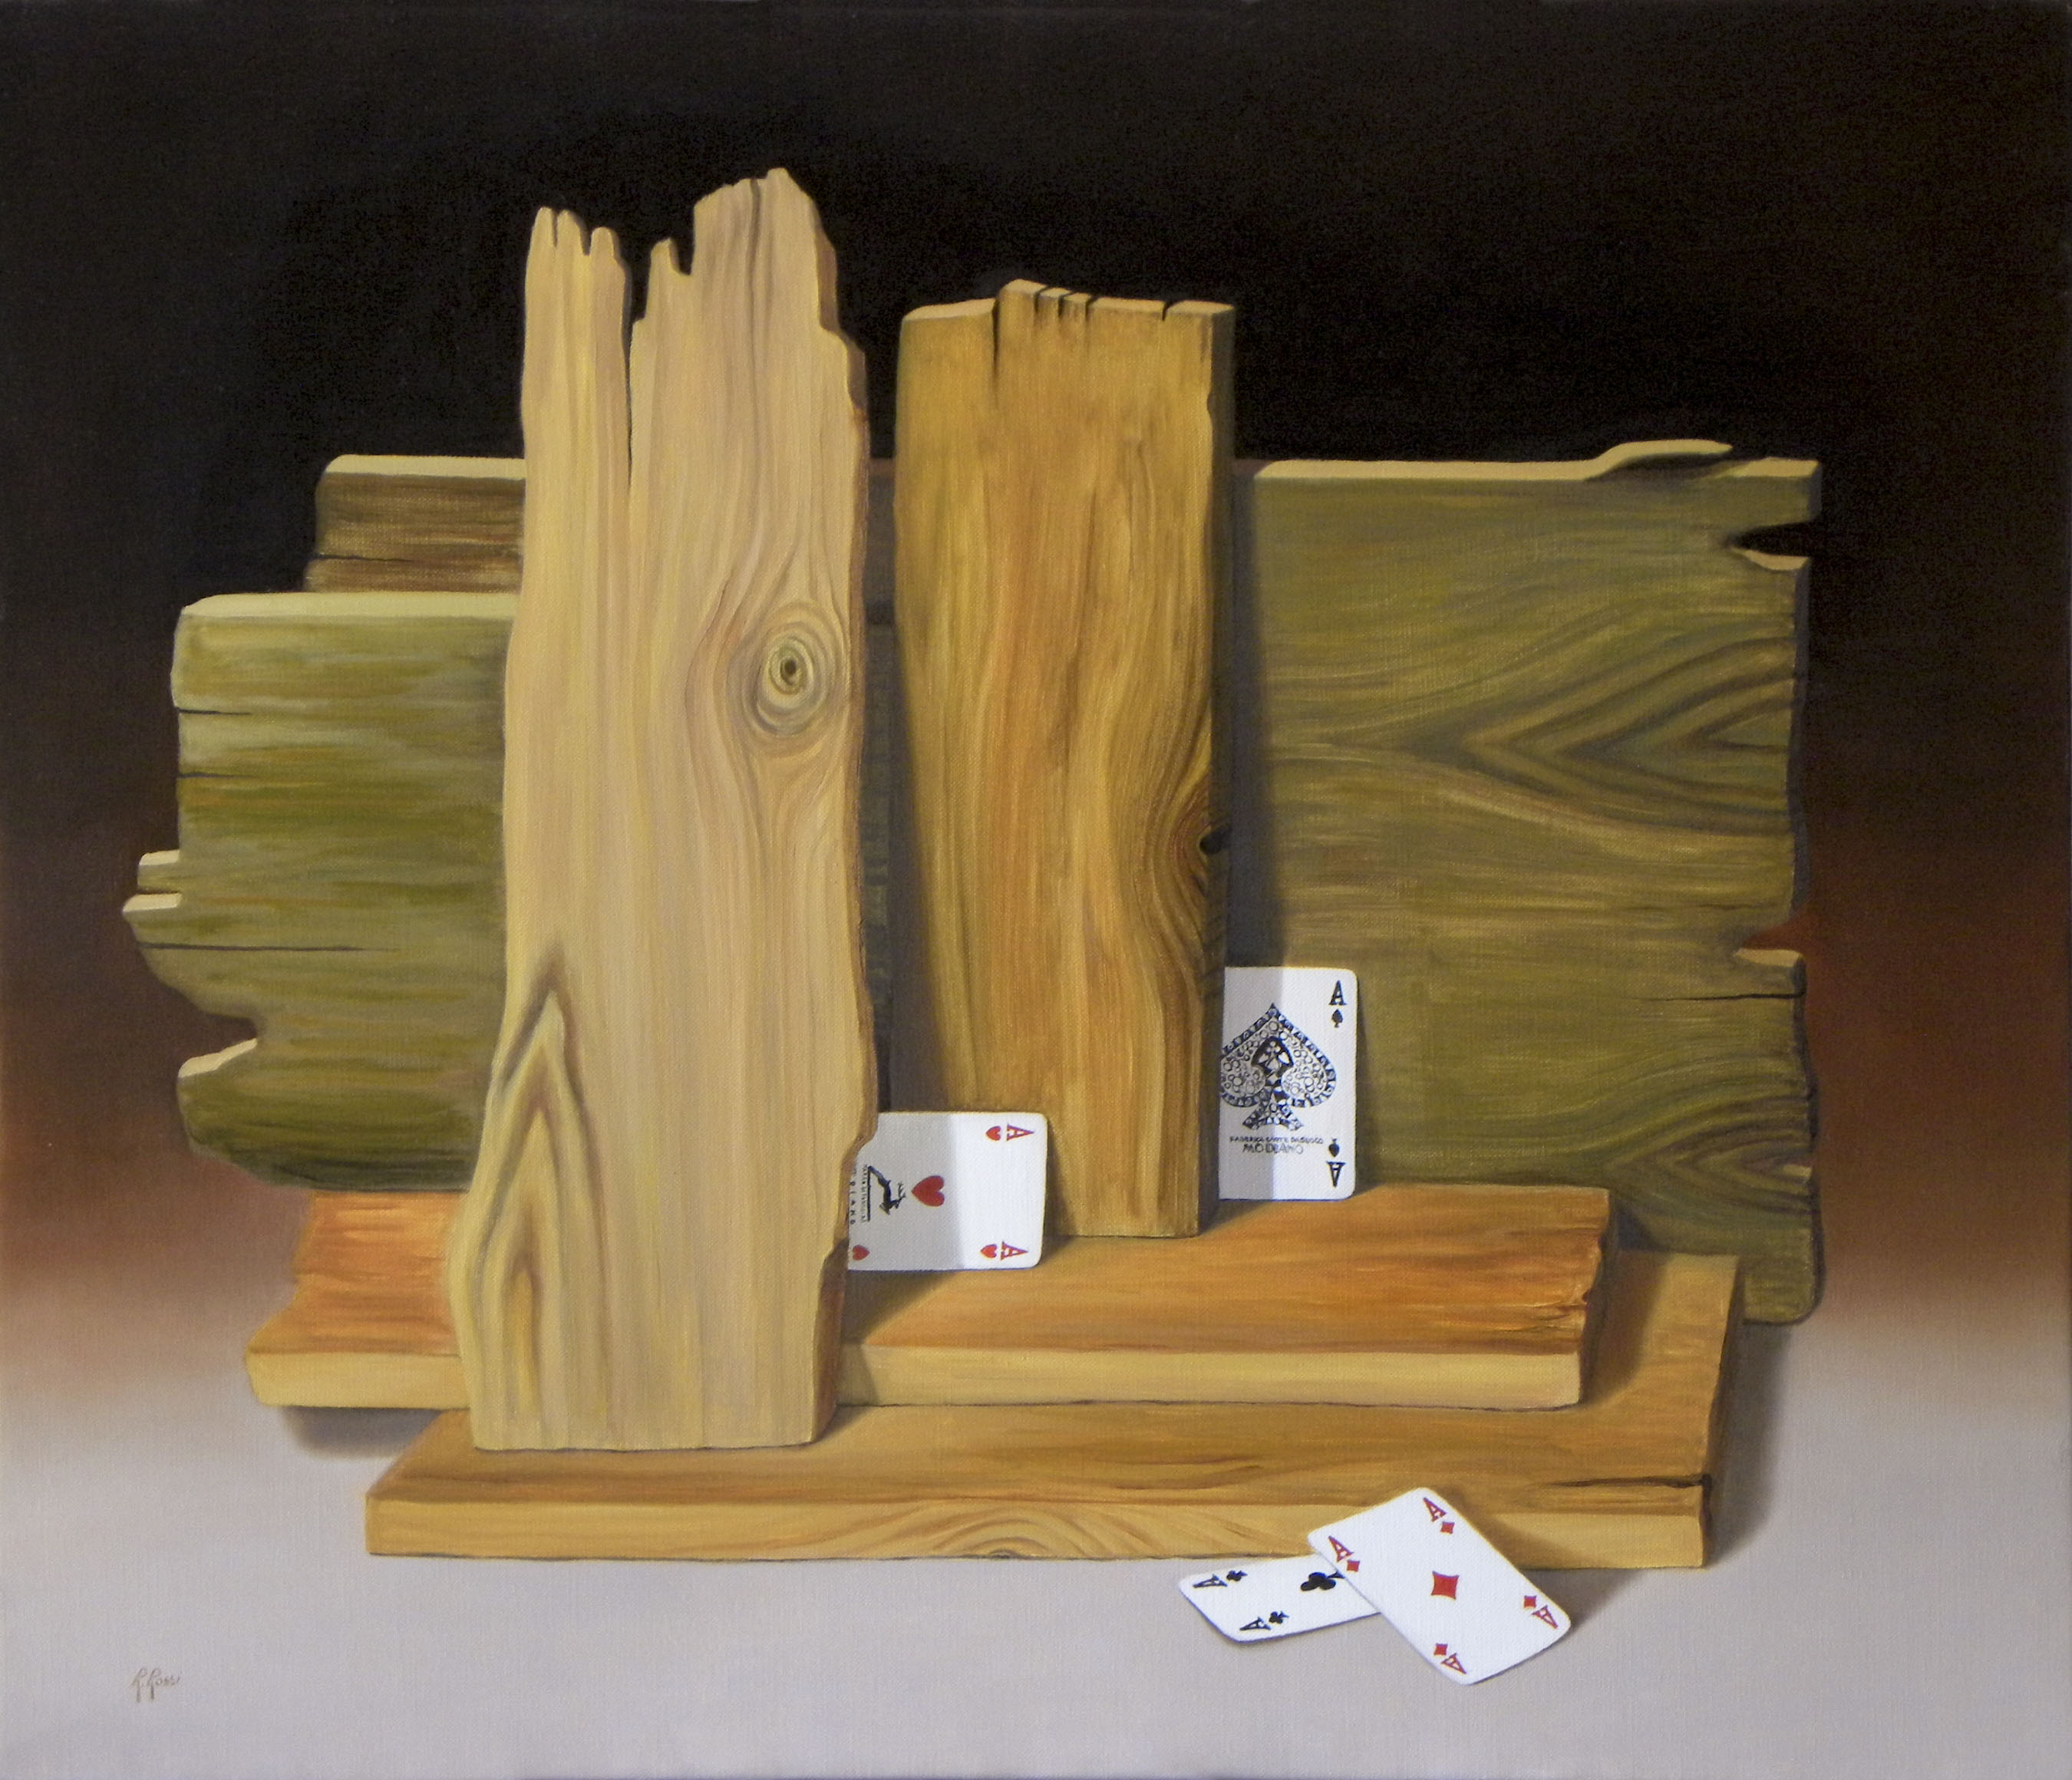 2012 roberta rossi - assi e assi - olio su tela - 60 x 70